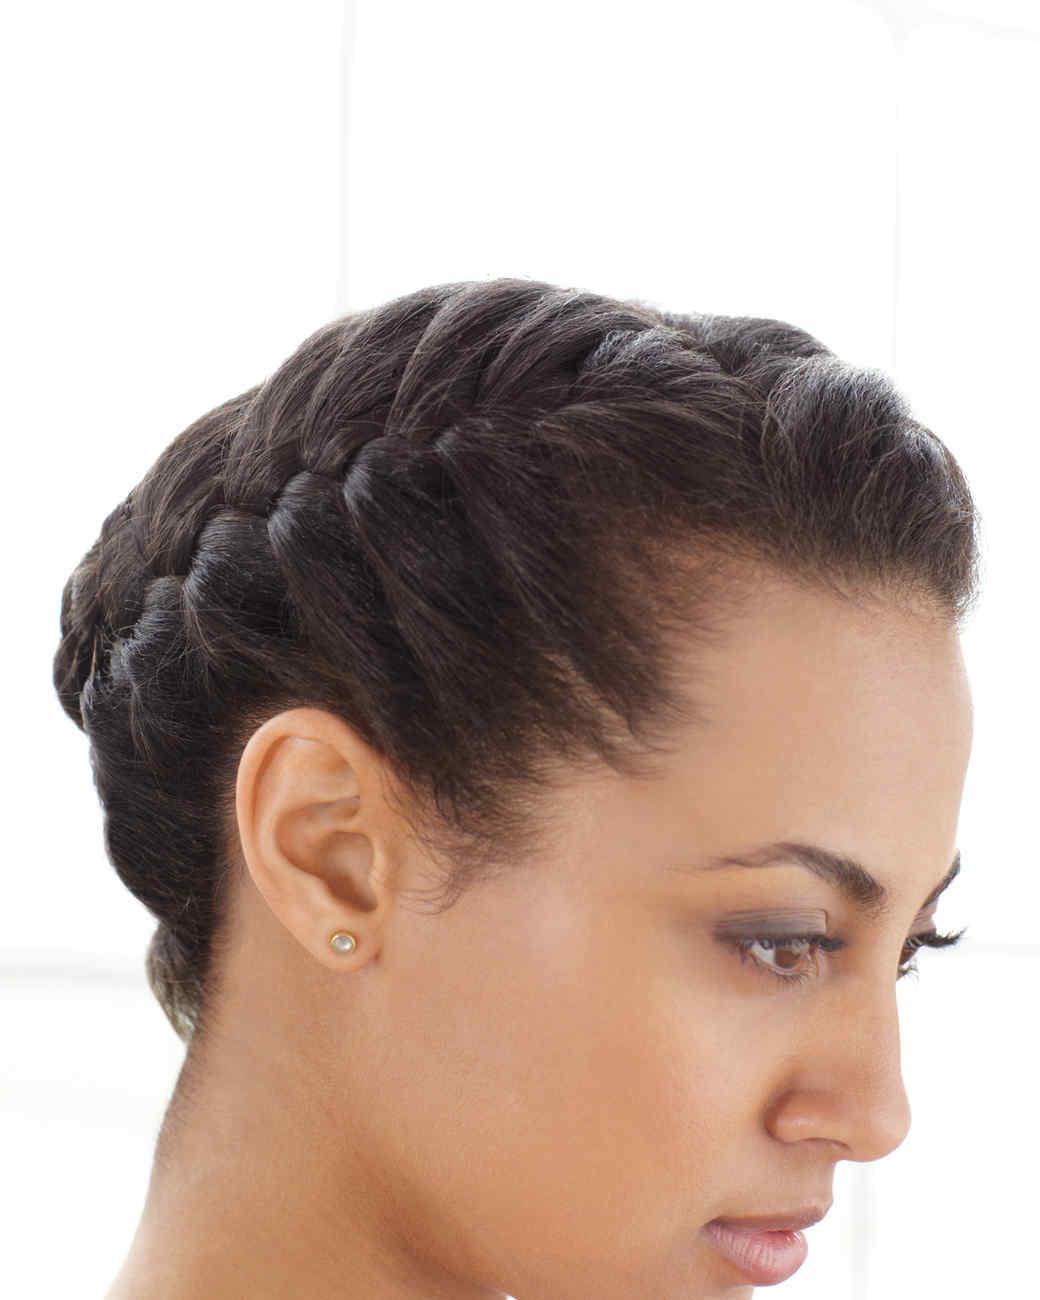 braids-french-braid-md10882.jpg